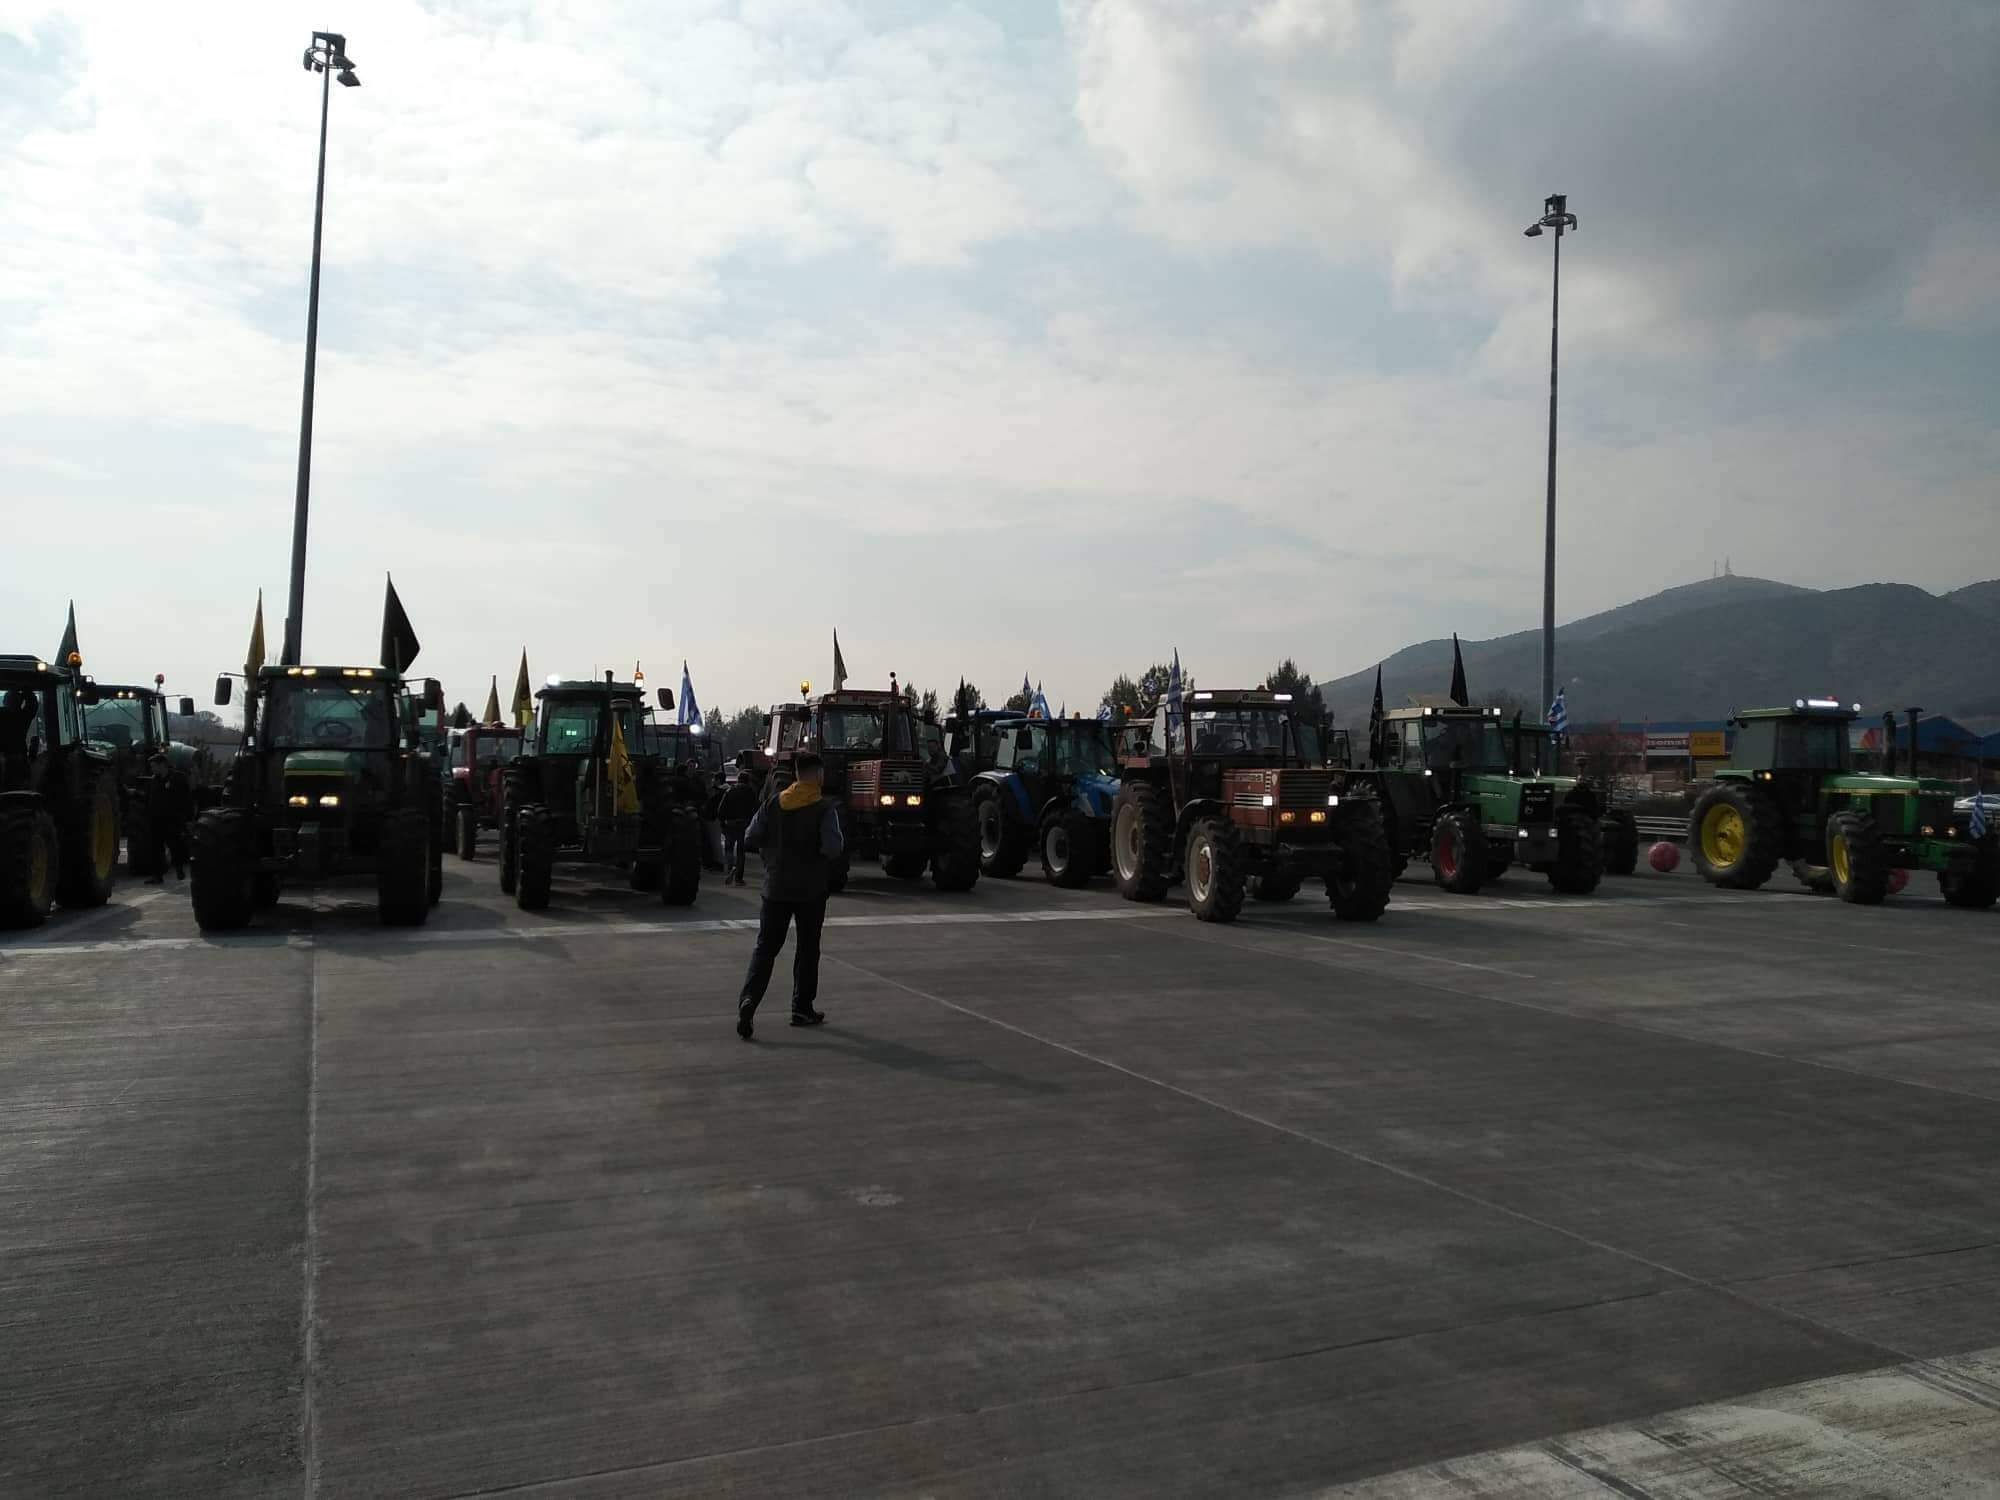 Ξεκίνησαν με τα τρακτέρ για τα Τέμπη οι αγρότες! Θα αποκλείσουν την εθνική οδό!